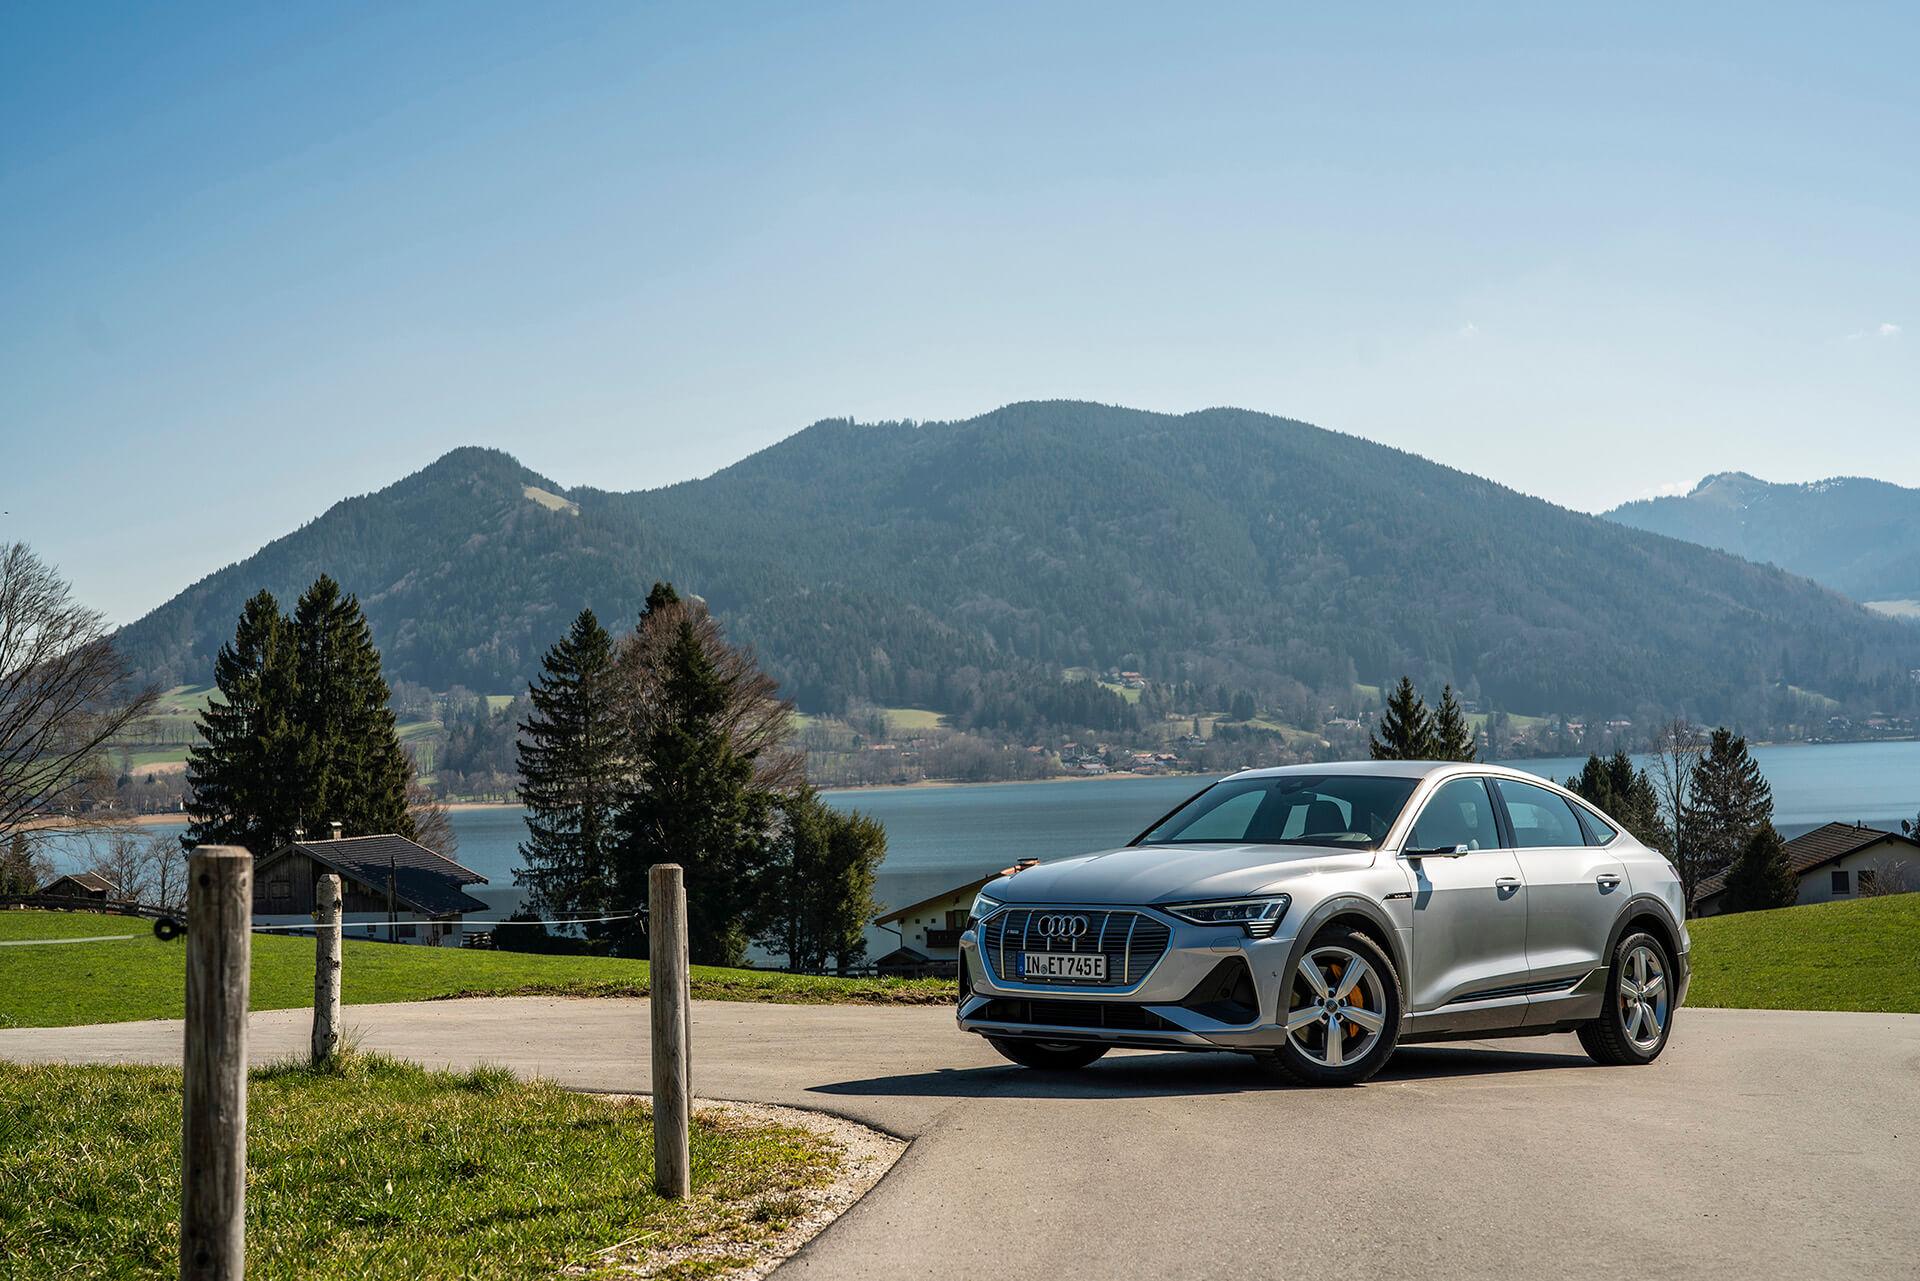 804.224 είναι ο αριθμός των μοντέλων quattro που παρήγαγε παγκοσμίως η Audi το 2019